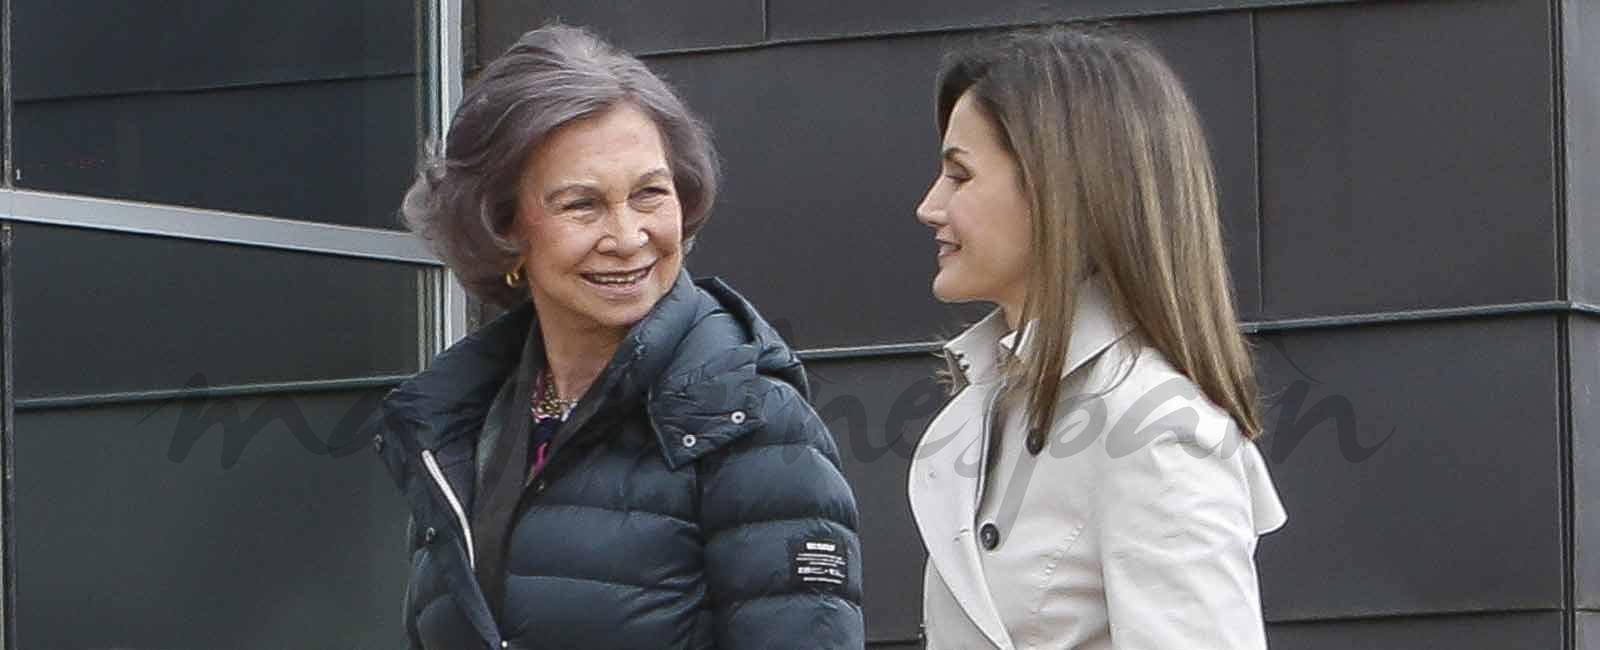 La buena sintonía de la reina Letizia y la reina Sofía durante su visita al rey Juan Carlos